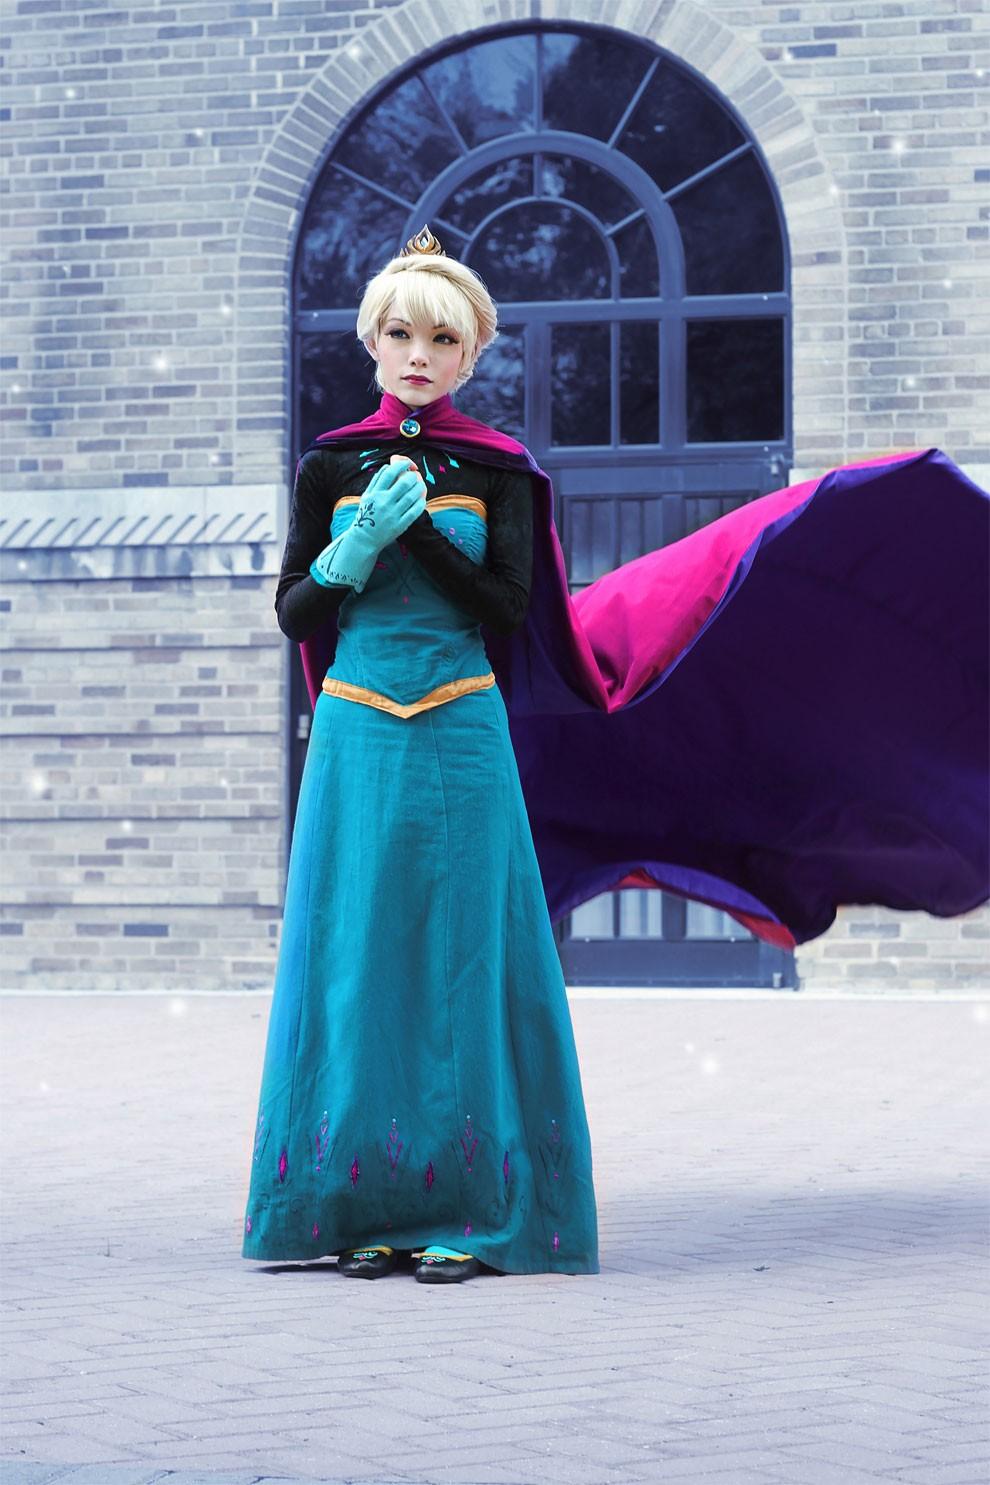 frozen-elsa-anna-costumi-reali-cindy-karen-romero-22